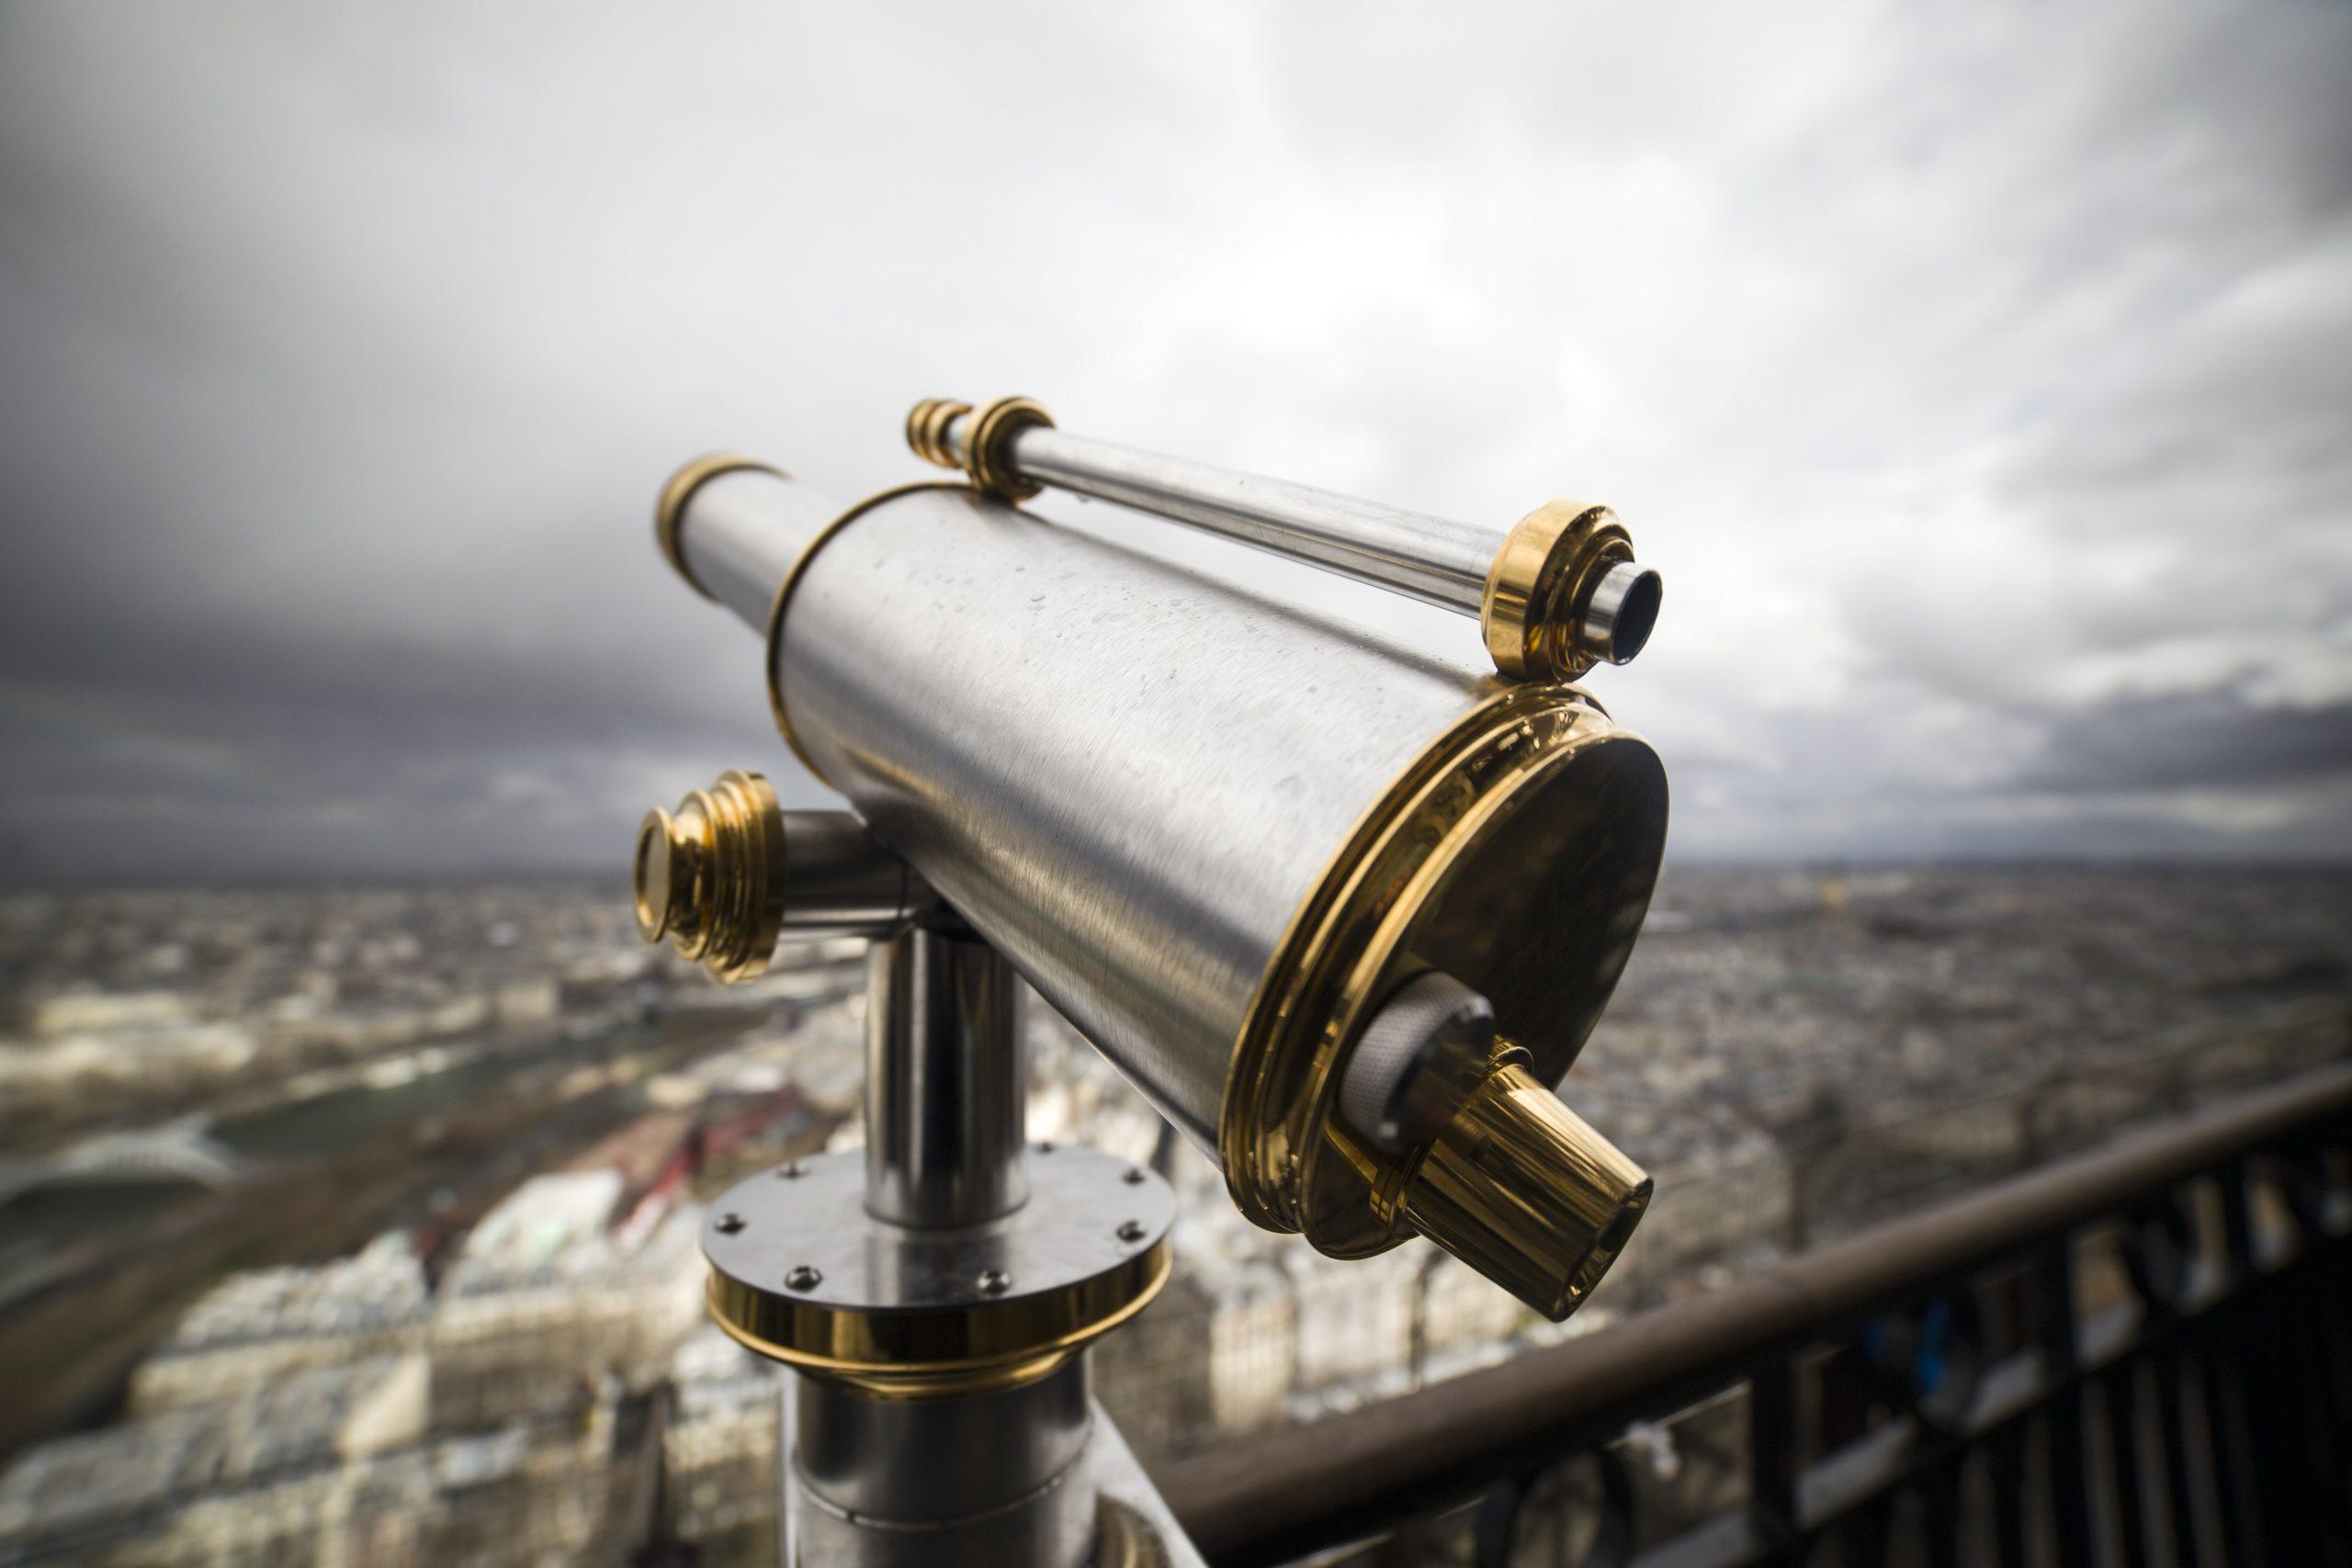 blur brass equipment 412076 scaled